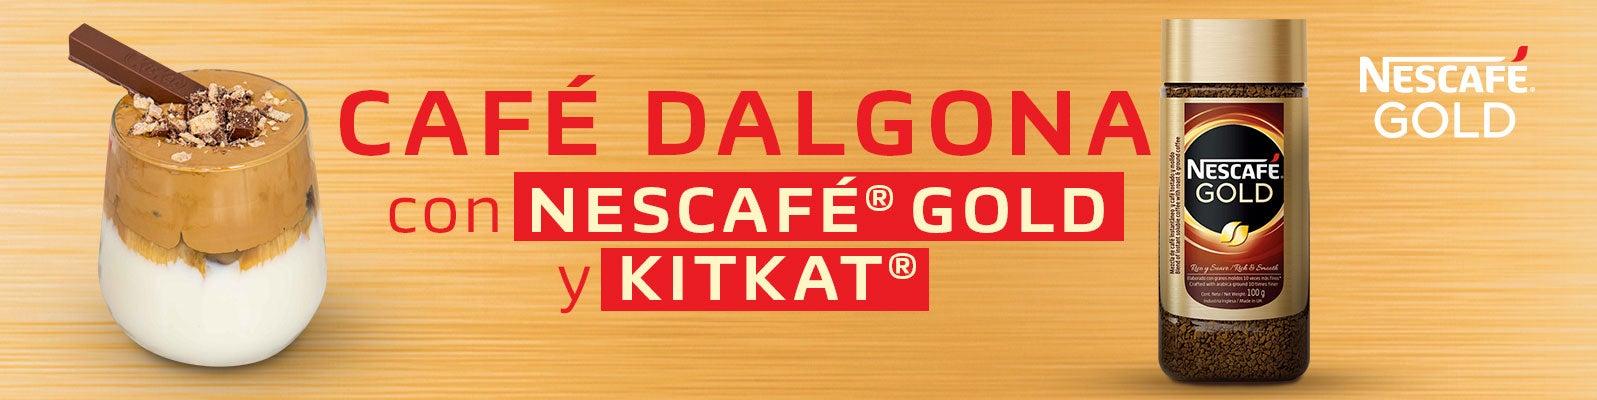 CAFÉ DALGONA CON NESCAFÉ® GOLD Y KIT KAT®